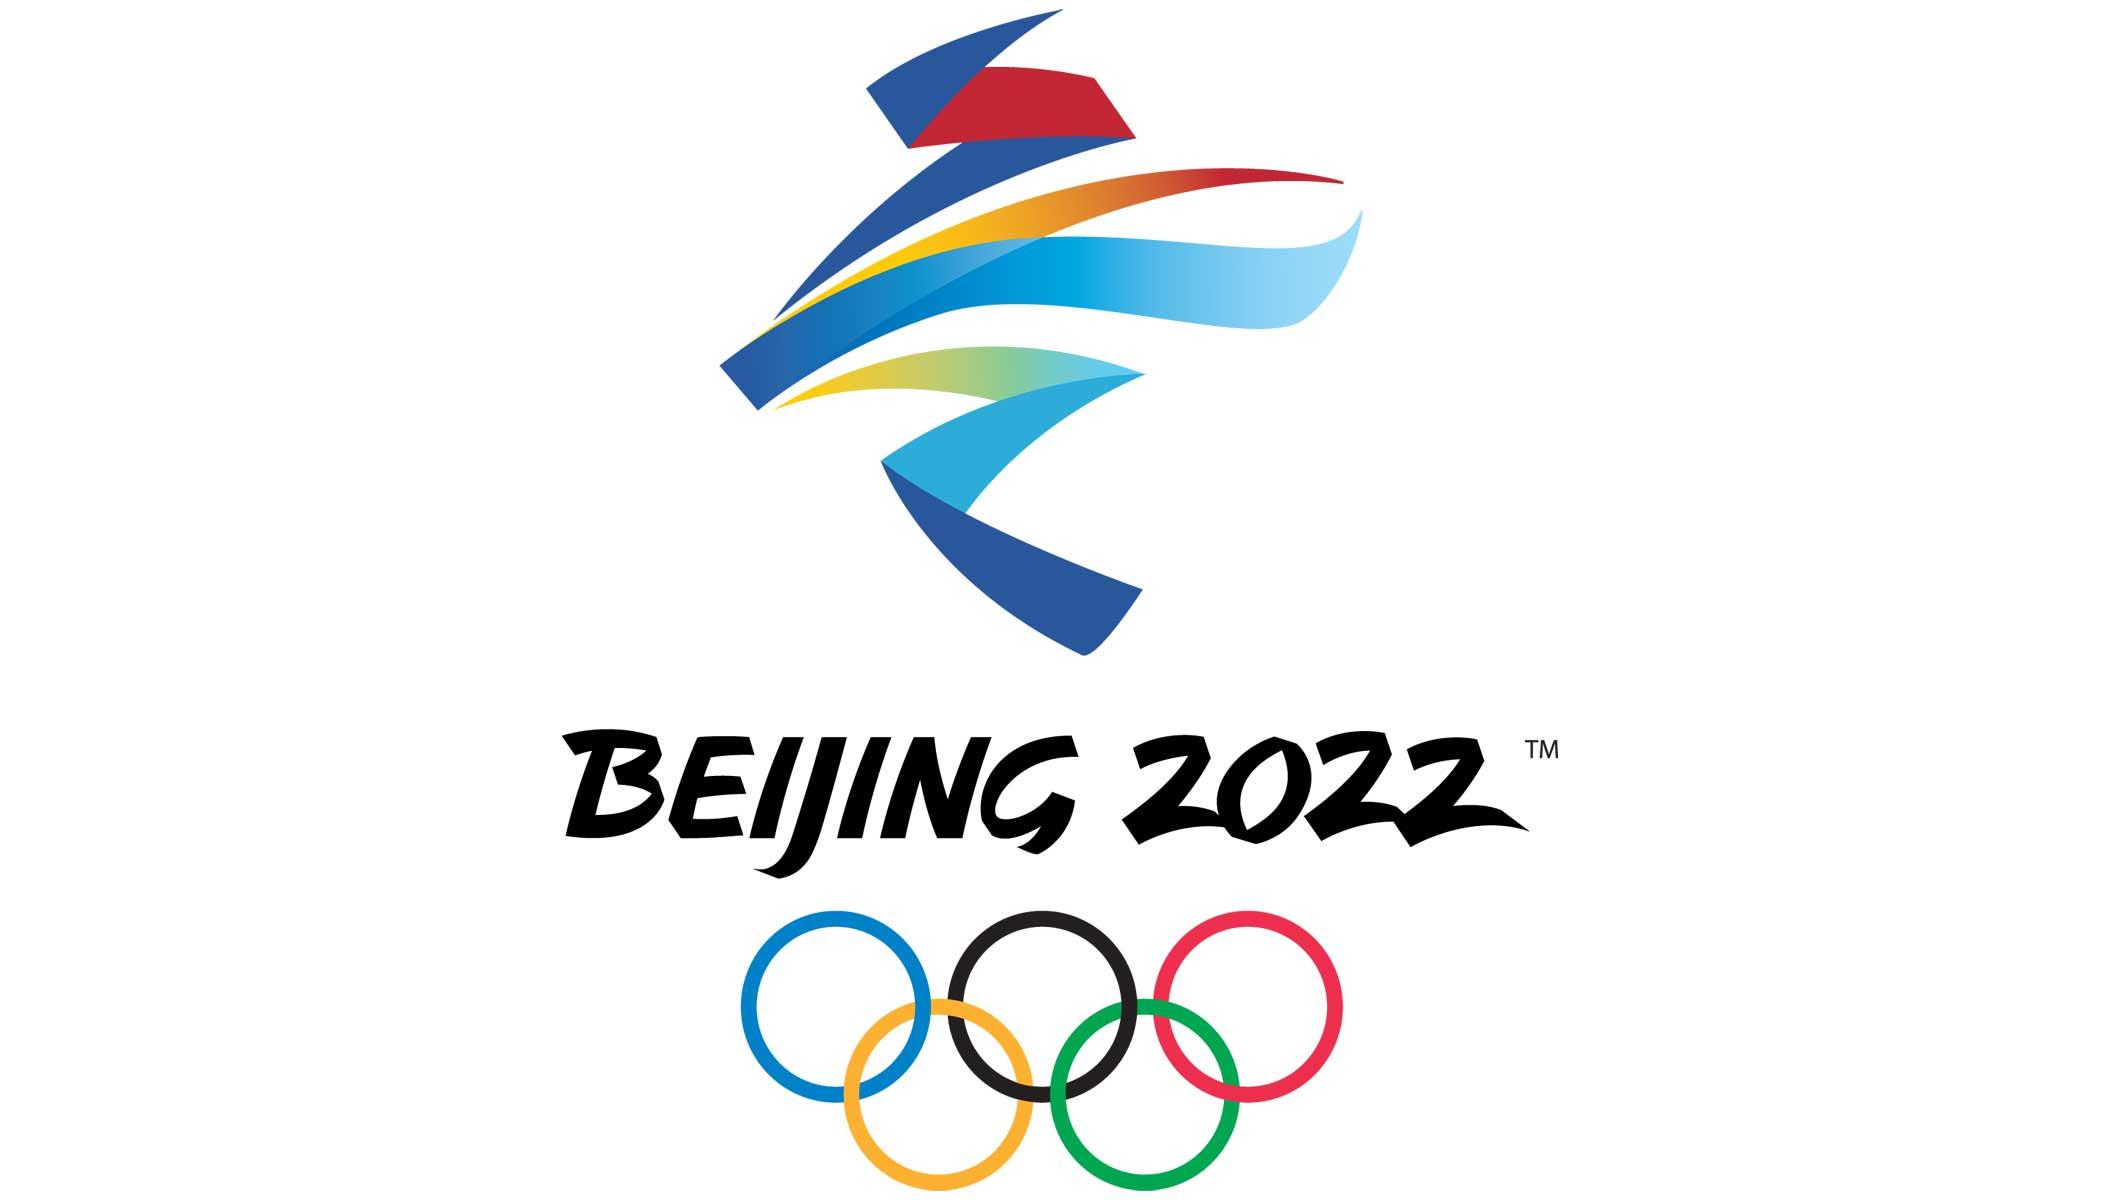 Beijing 2022 prepara ceremonia resaltando 500 días para Olímpicos de Invierno